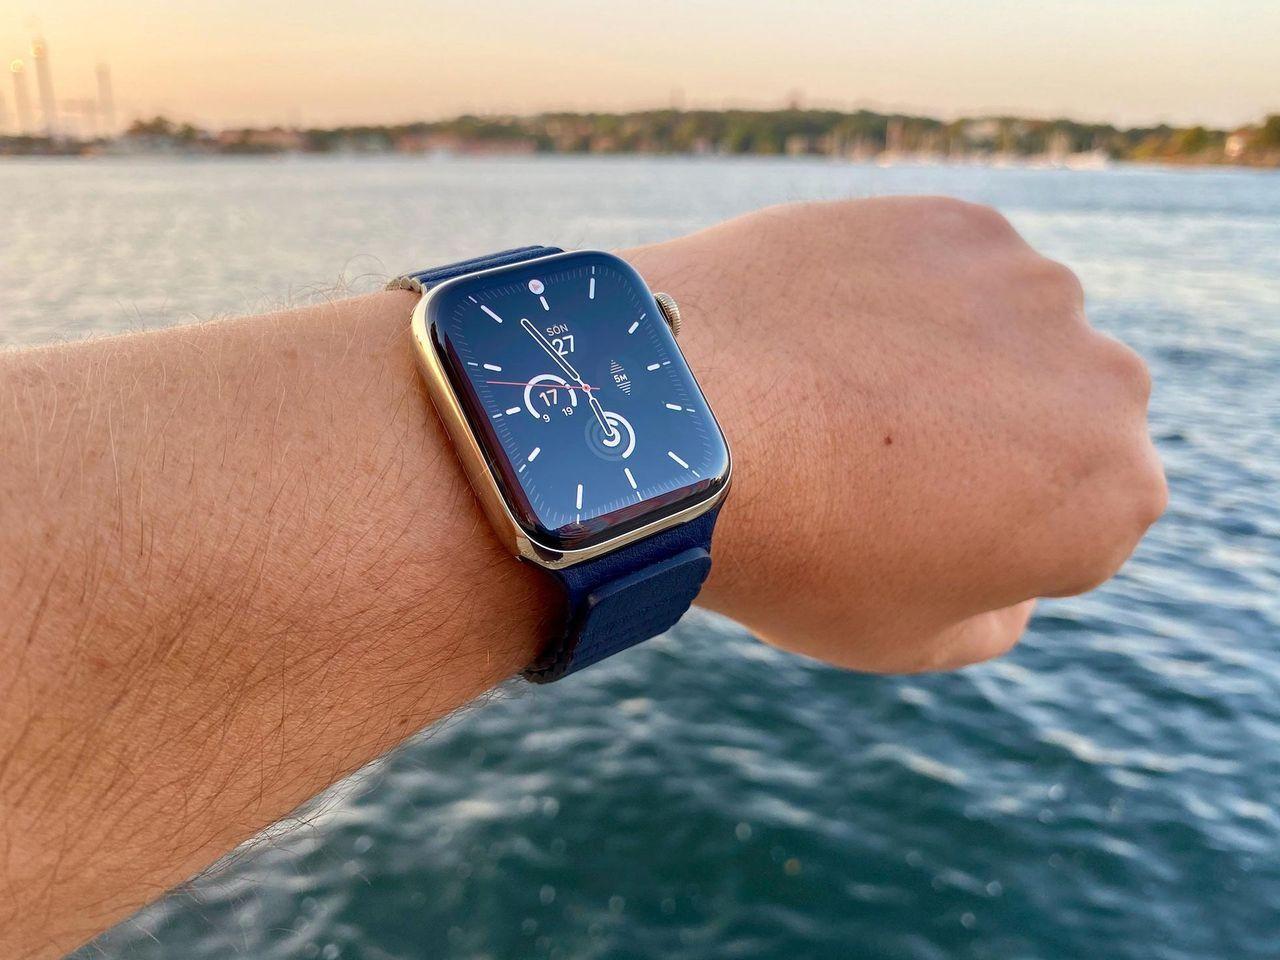 Apple ryktas ha en lite tåligare Apple Watch på gång